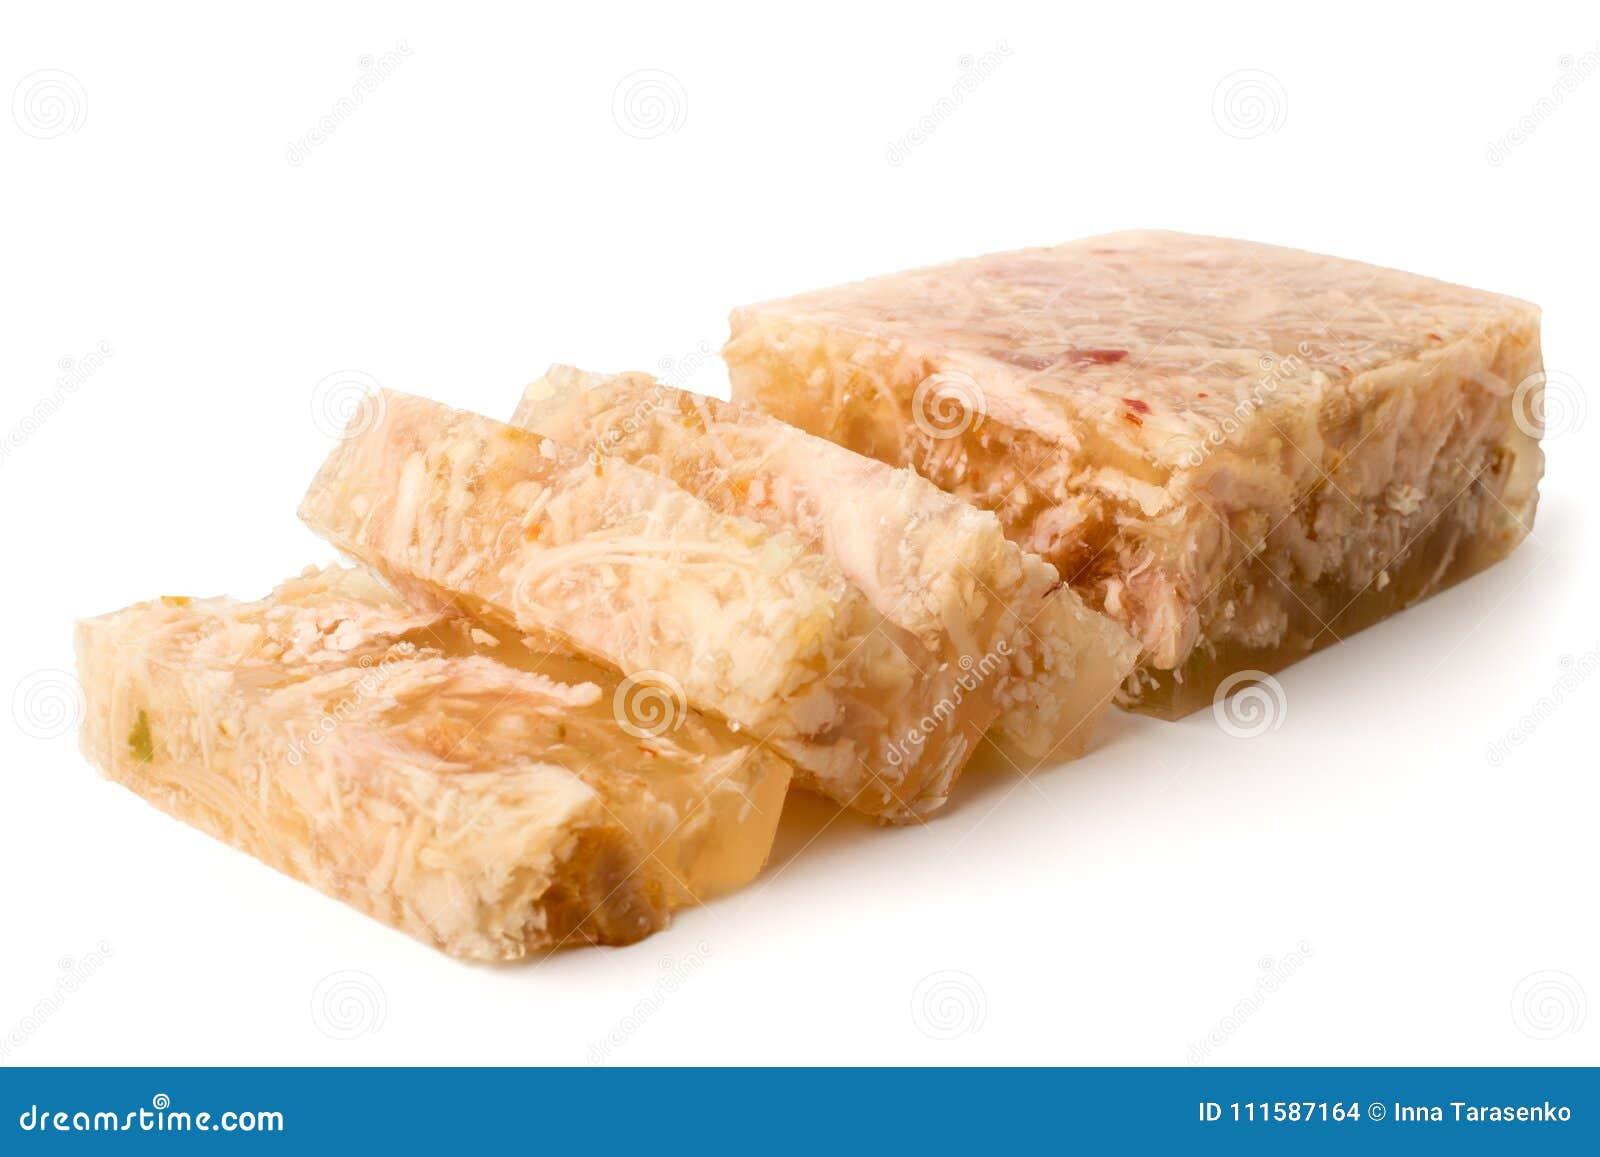 Fleischgelee schnitt in Scheiben auf einem Weiß, Nahaufnahme